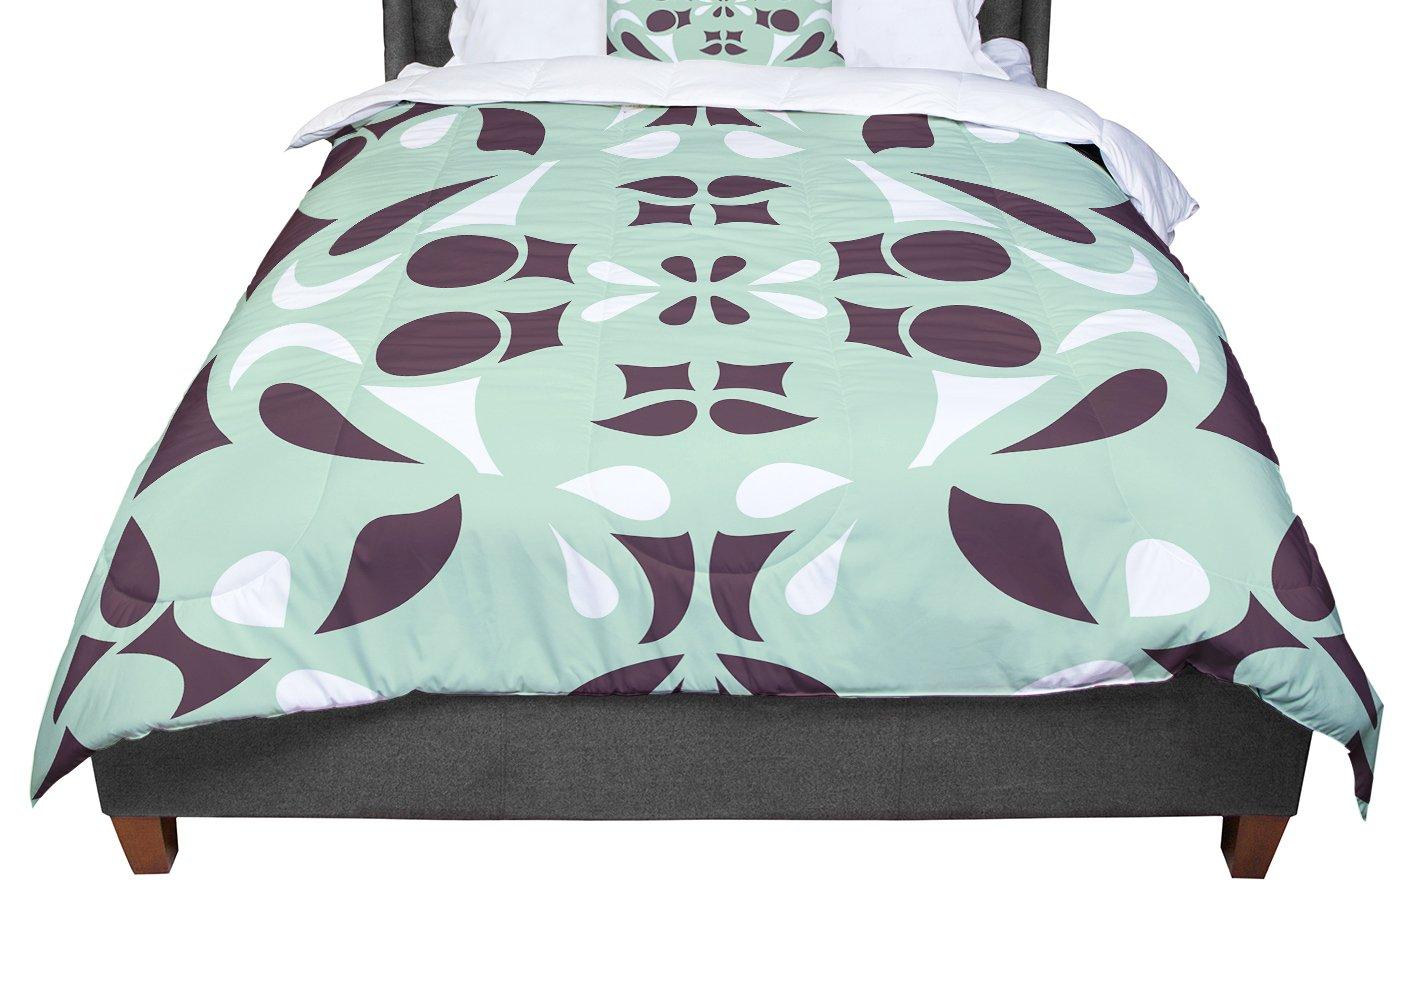 KESS InHouse Miranda Mol Swirling Teal Queen Comforter 88 X 88